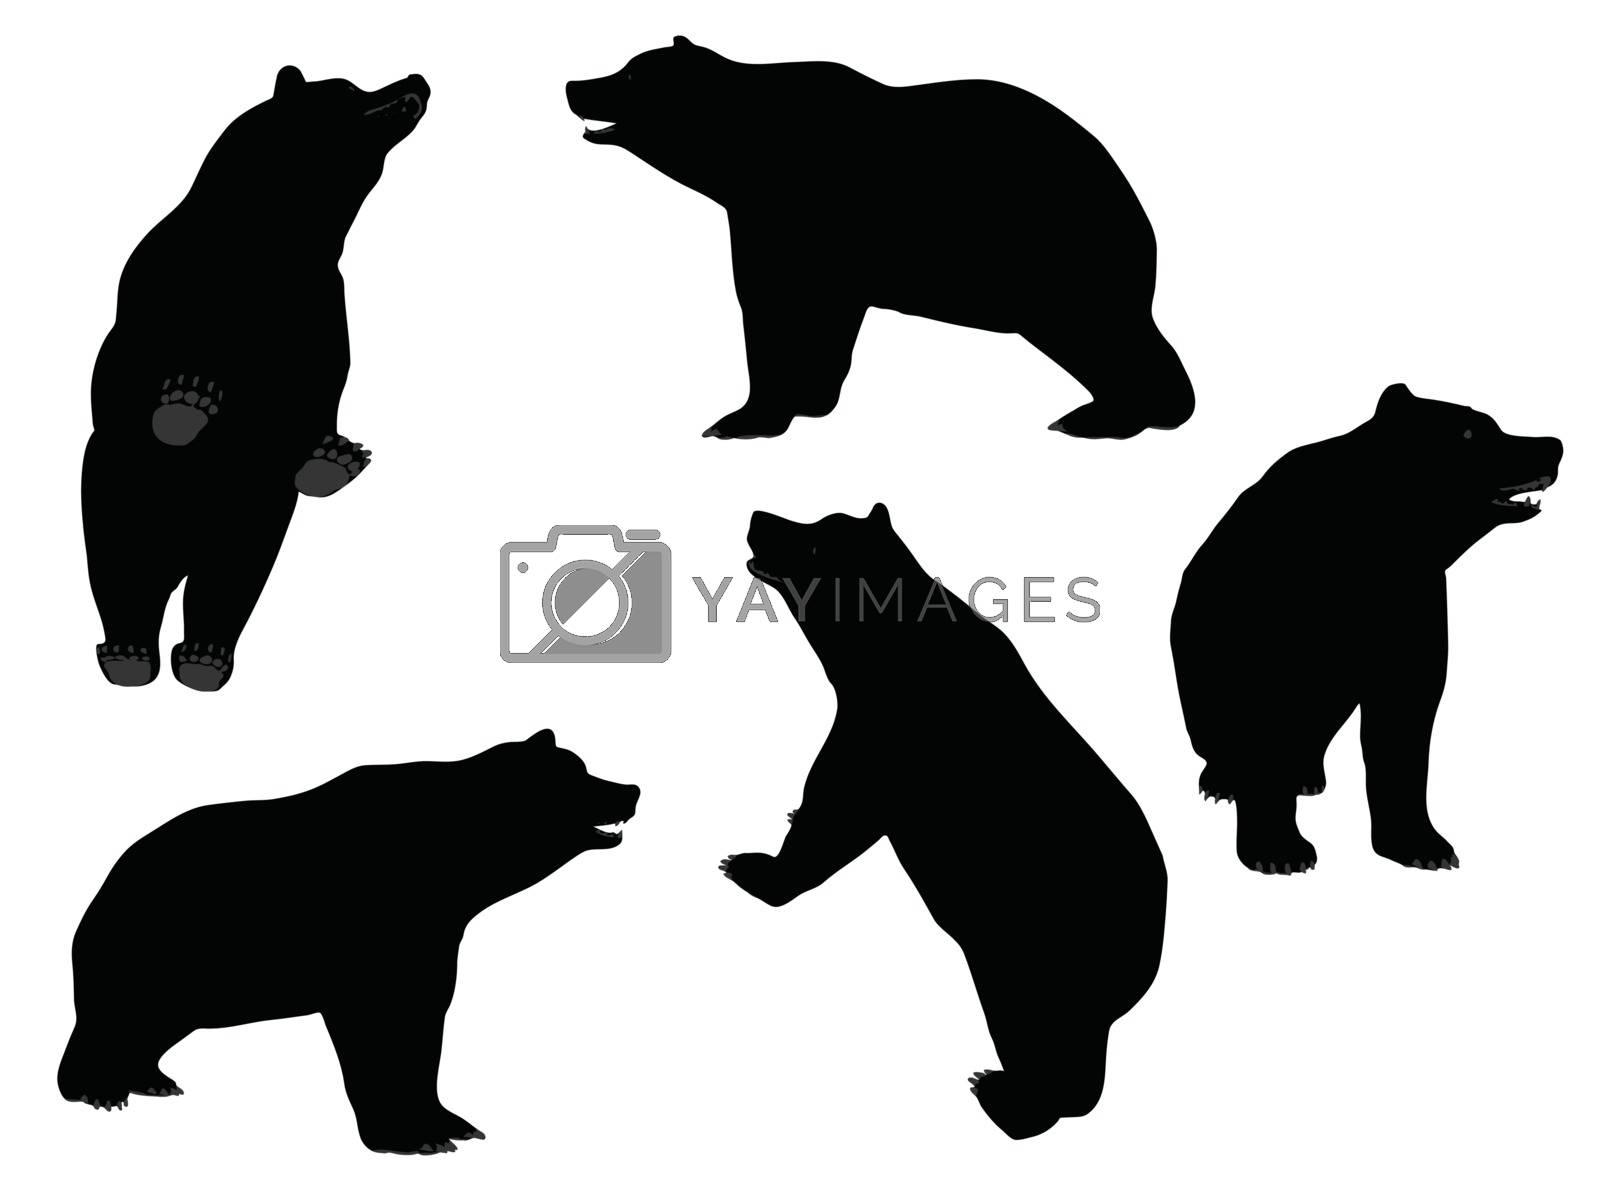 EPS 10 vector illustration of Bear silhouette